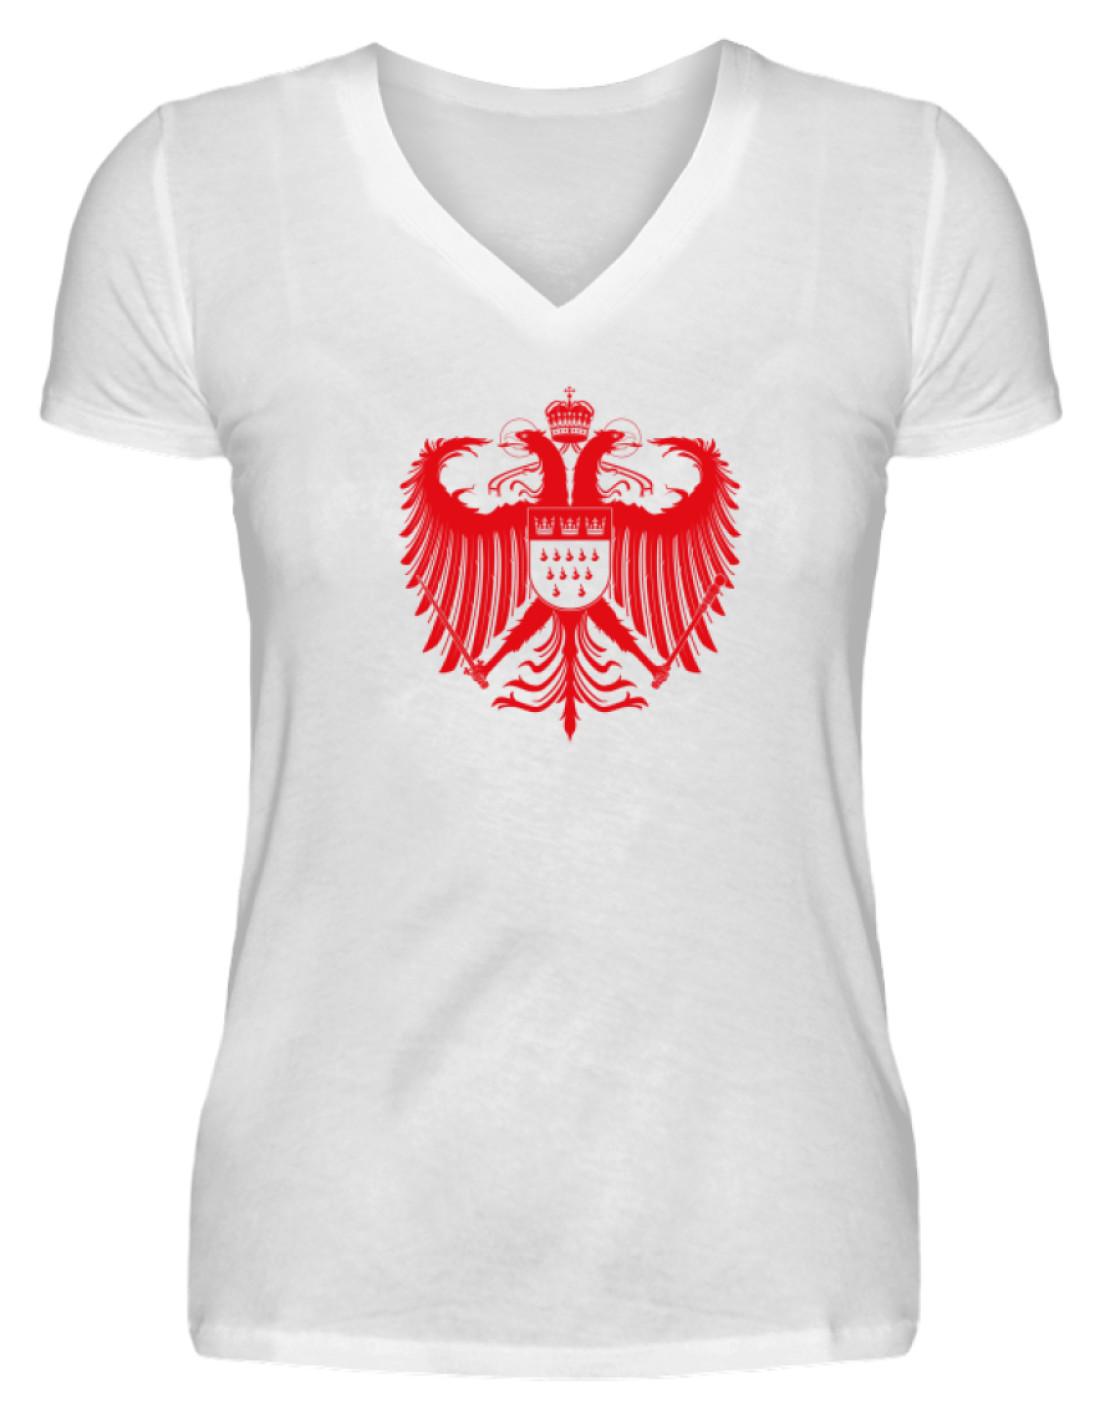 f3341058254376 Kölner Wappen mit Adler in Rot auf weißem Damen T-Shirt - V ...